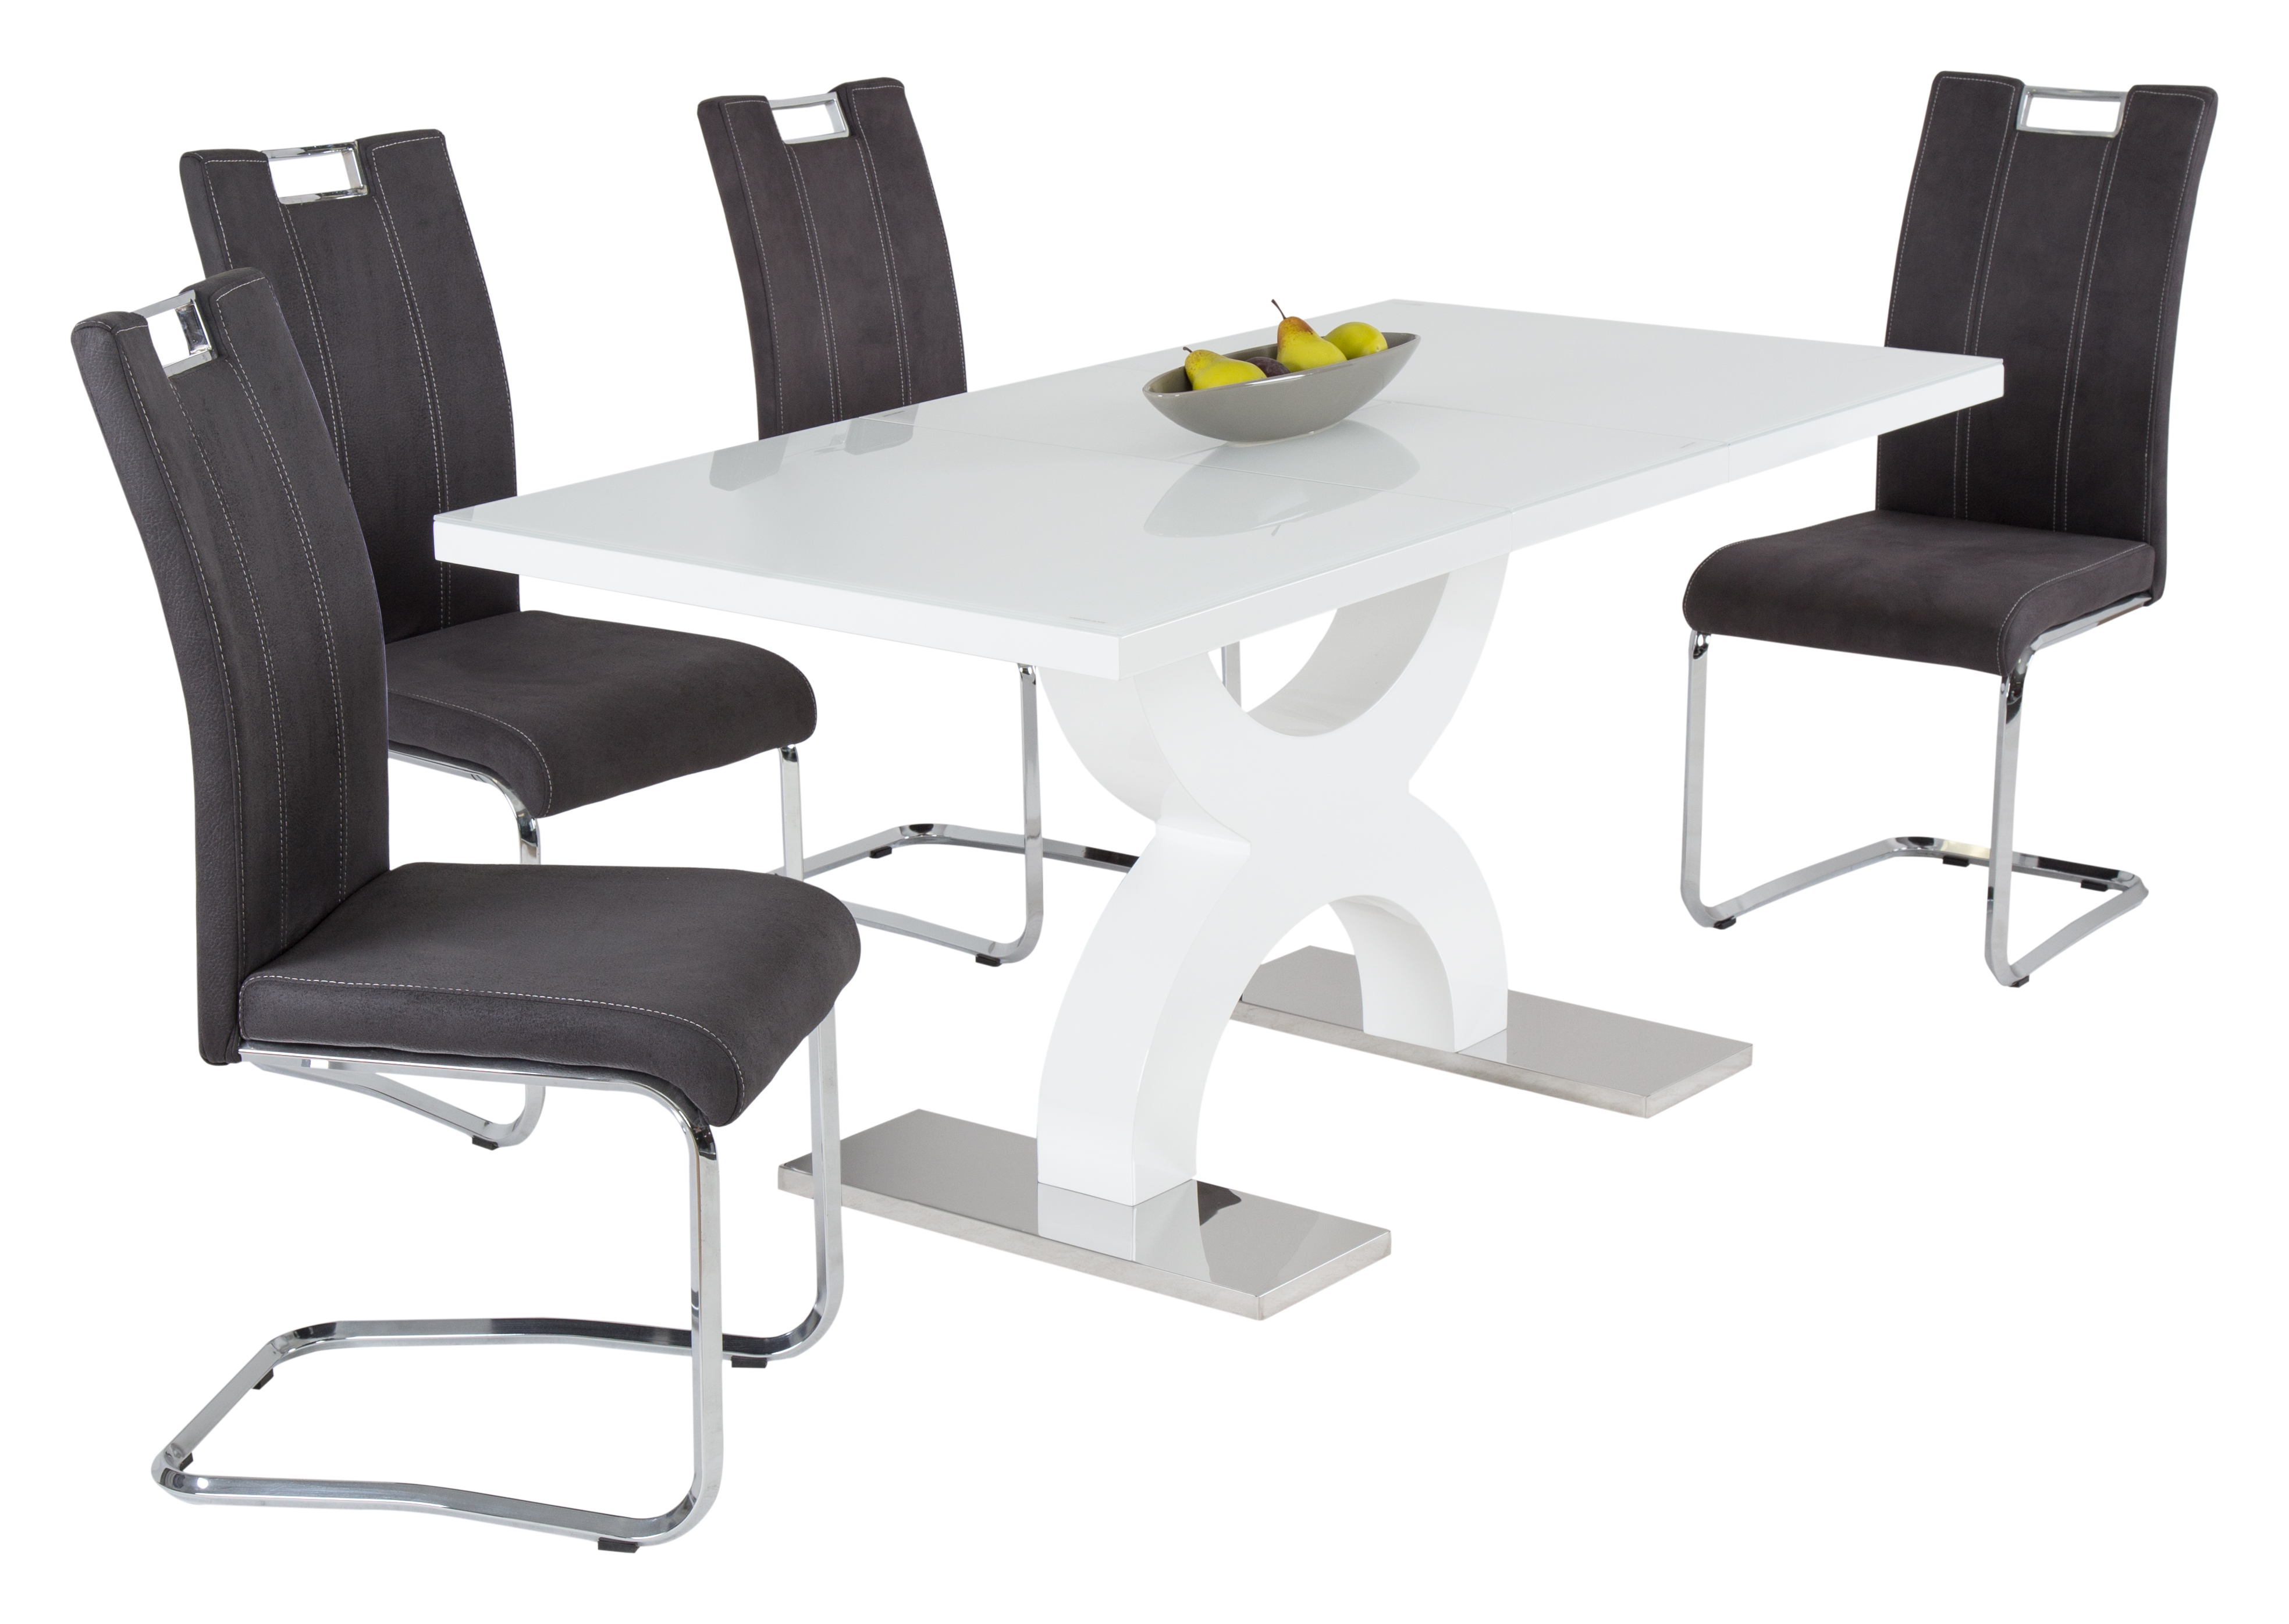 m belhaus 24 esstisch valleta wei glas m belhaus 24 online m bel kaufen qualit t zu. Black Bedroom Furniture Sets. Home Design Ideas